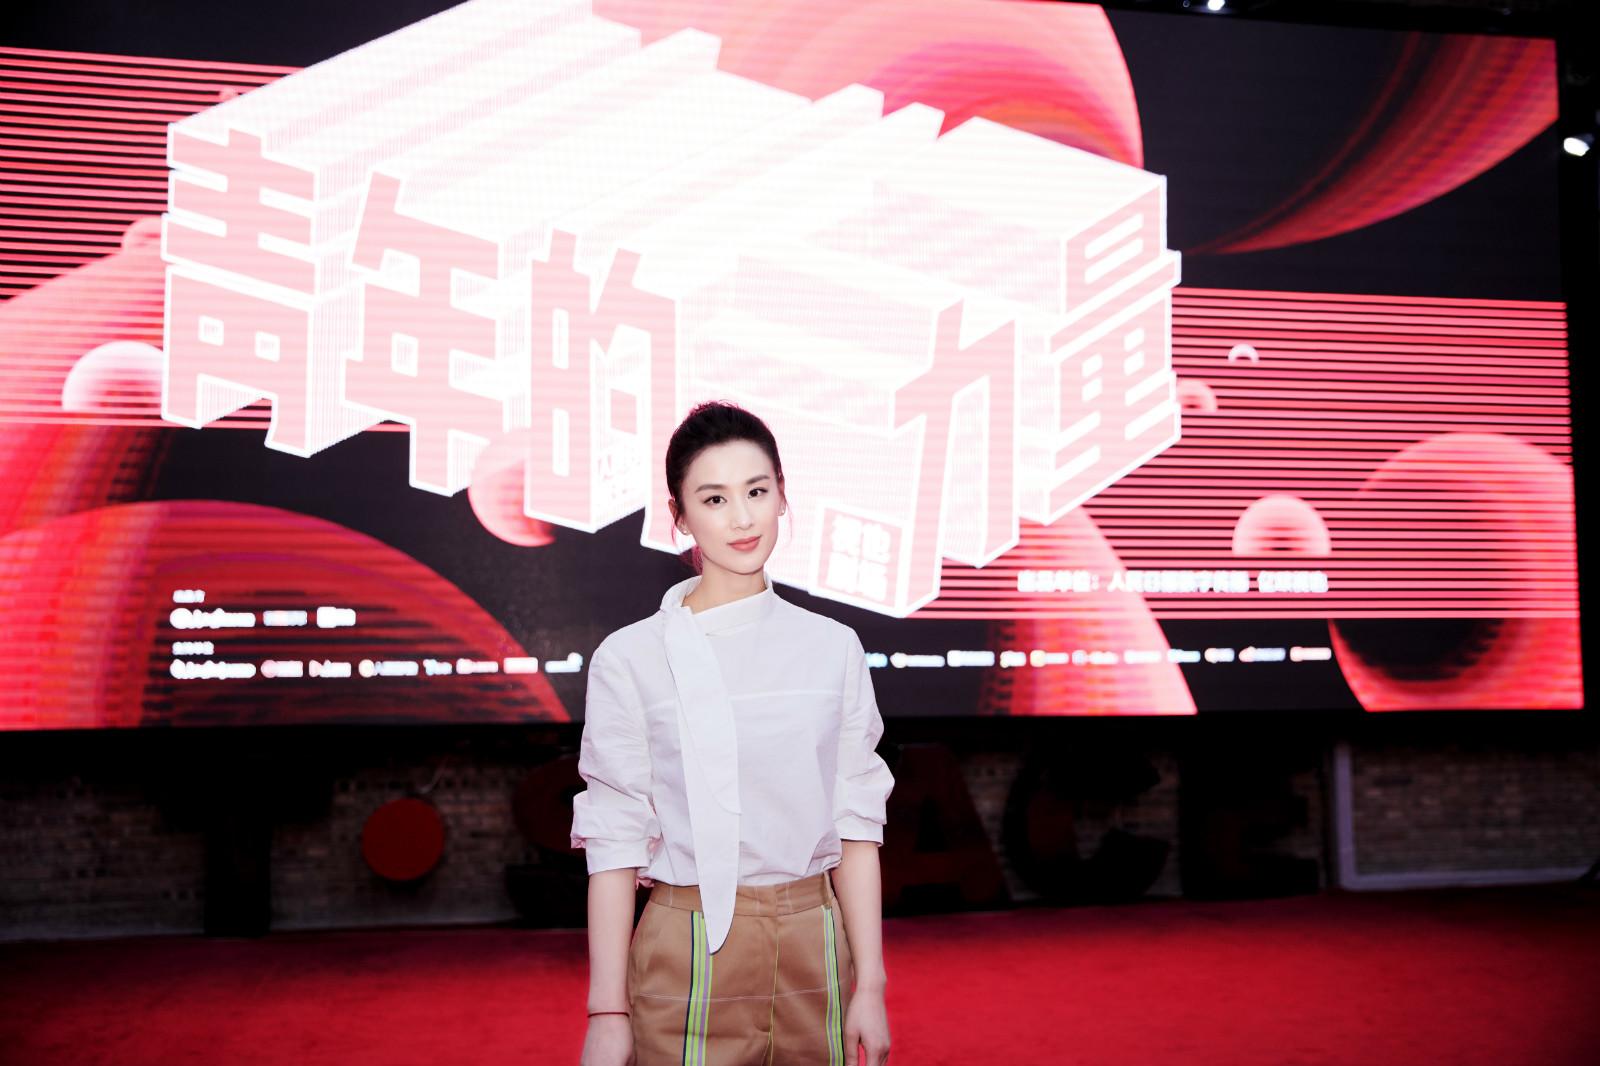 黄圣依五四演讲诠释奋斗 被赞正能量的青年榜样